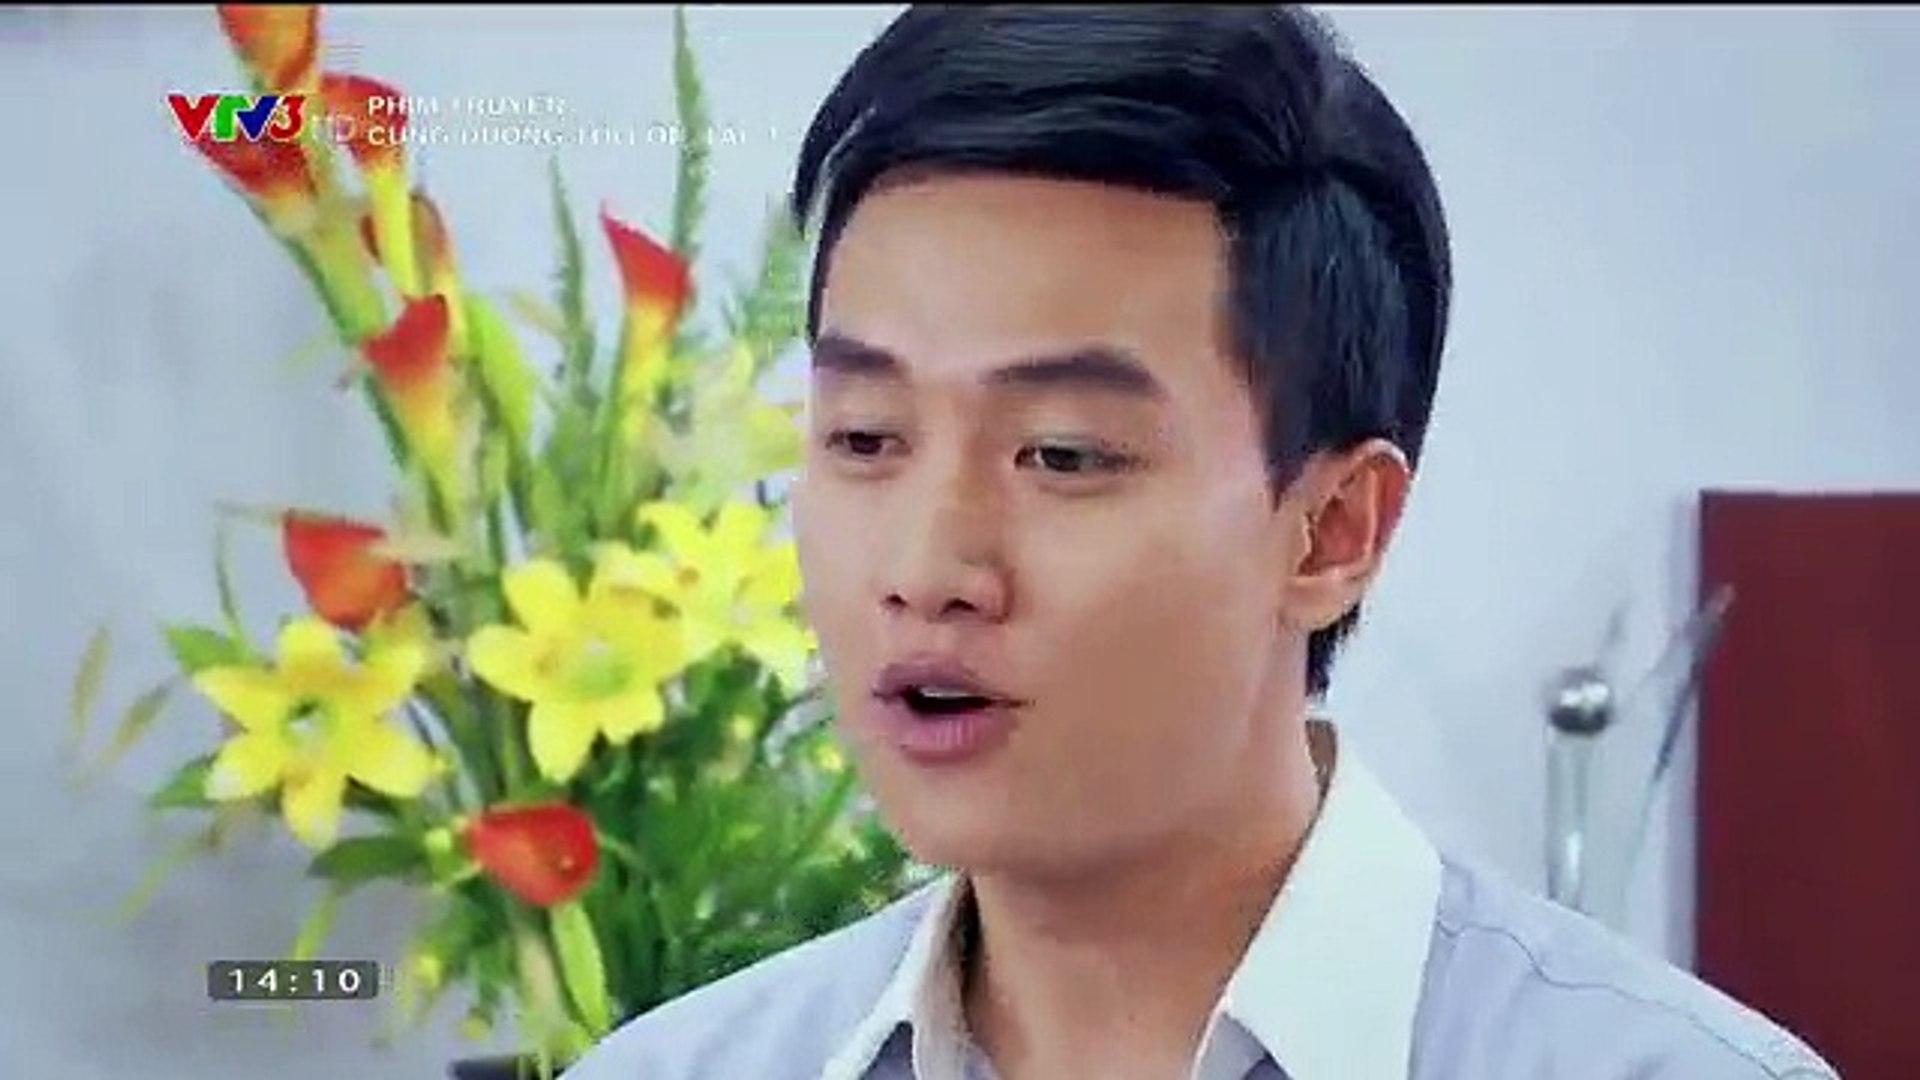 Cung Đường Tội Lỗi Tập 35 - Ngày 24/11/2018 - (Bản Chuẩn Full - Phim Việt Nam VTV3) - Cung Duong Toi